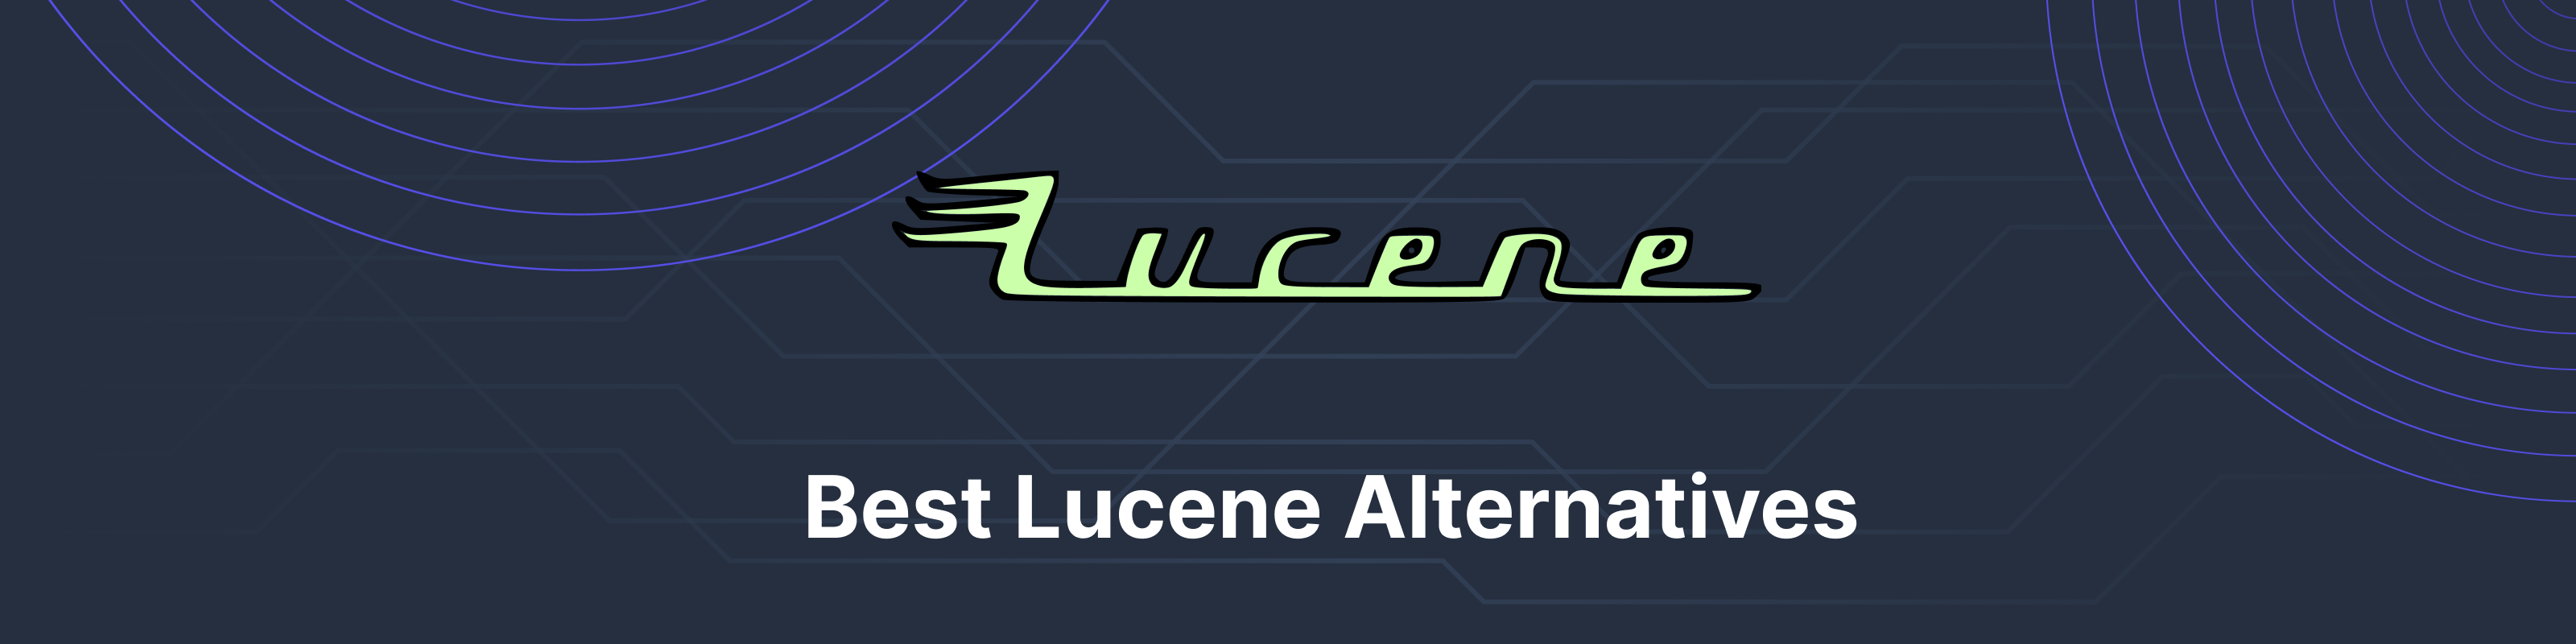 Apache Lucene alternatives banner